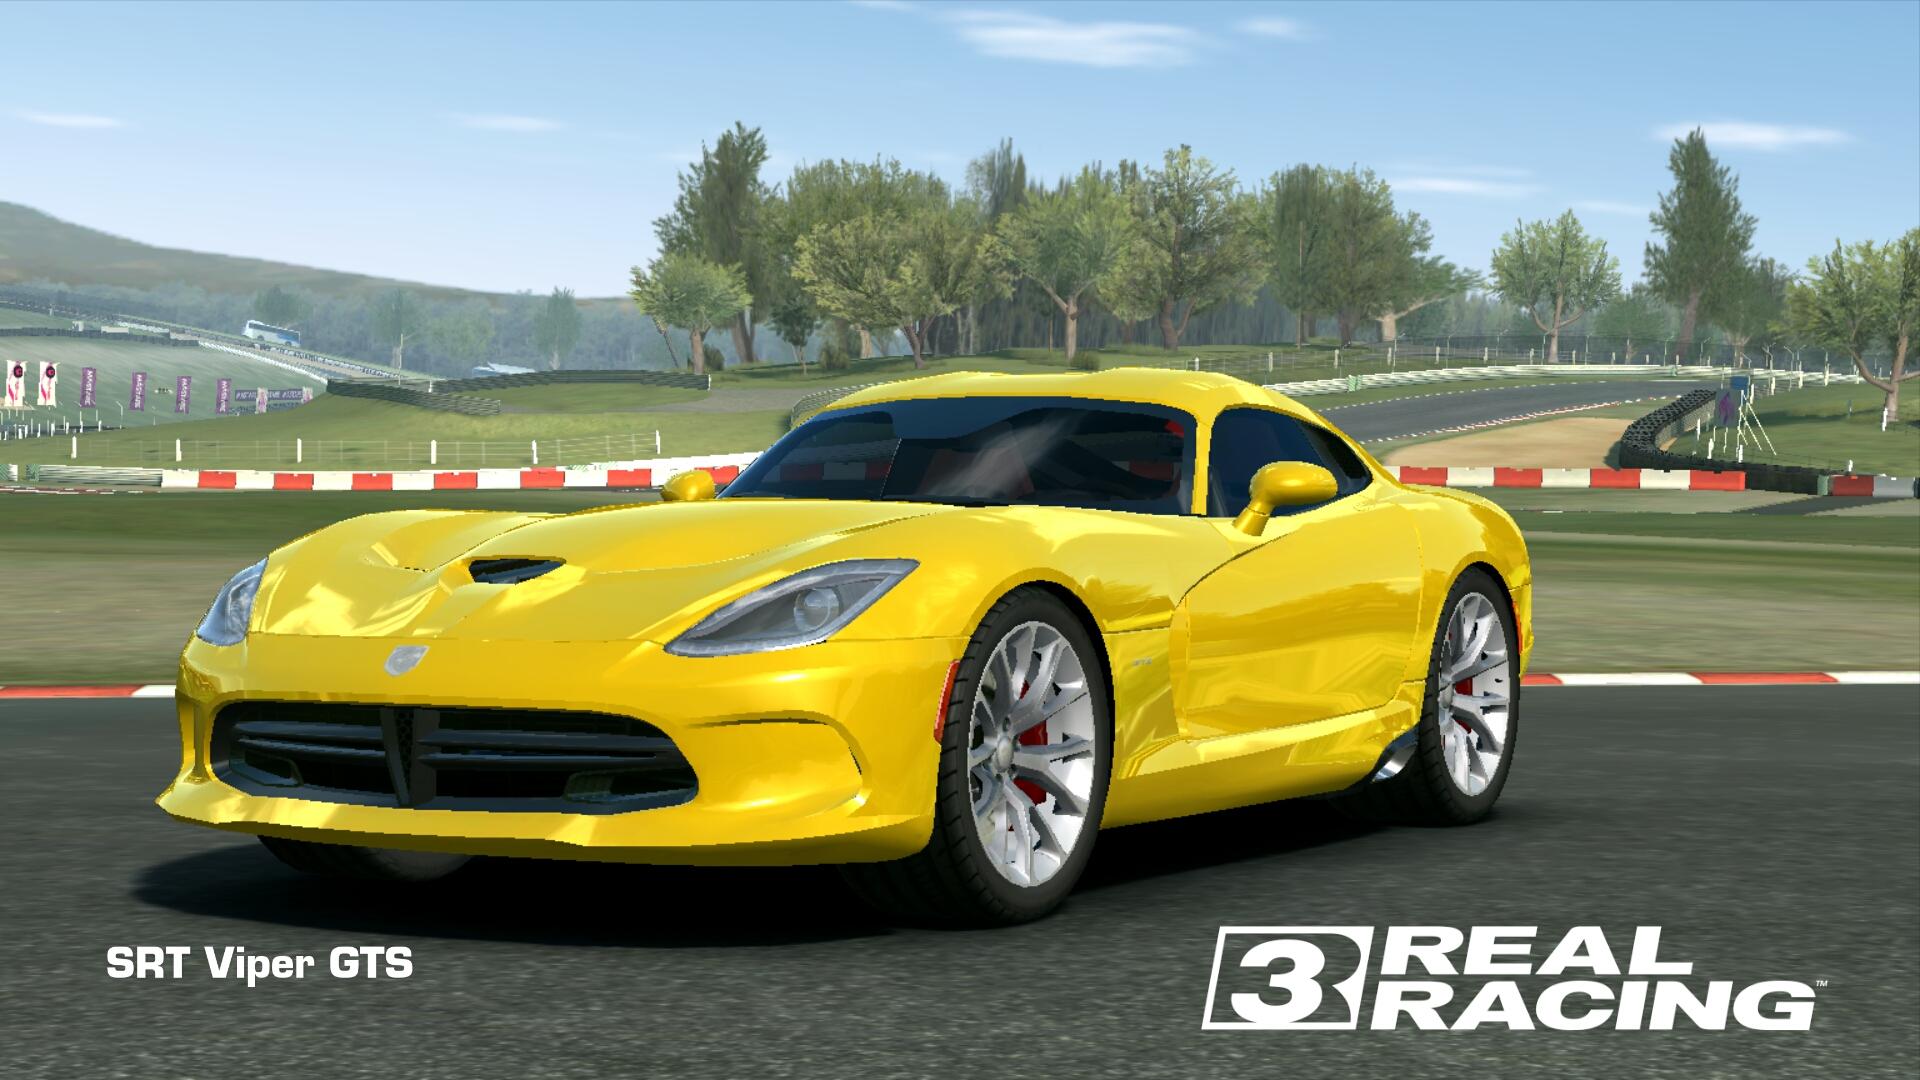 Showcase SRT Viper GTS